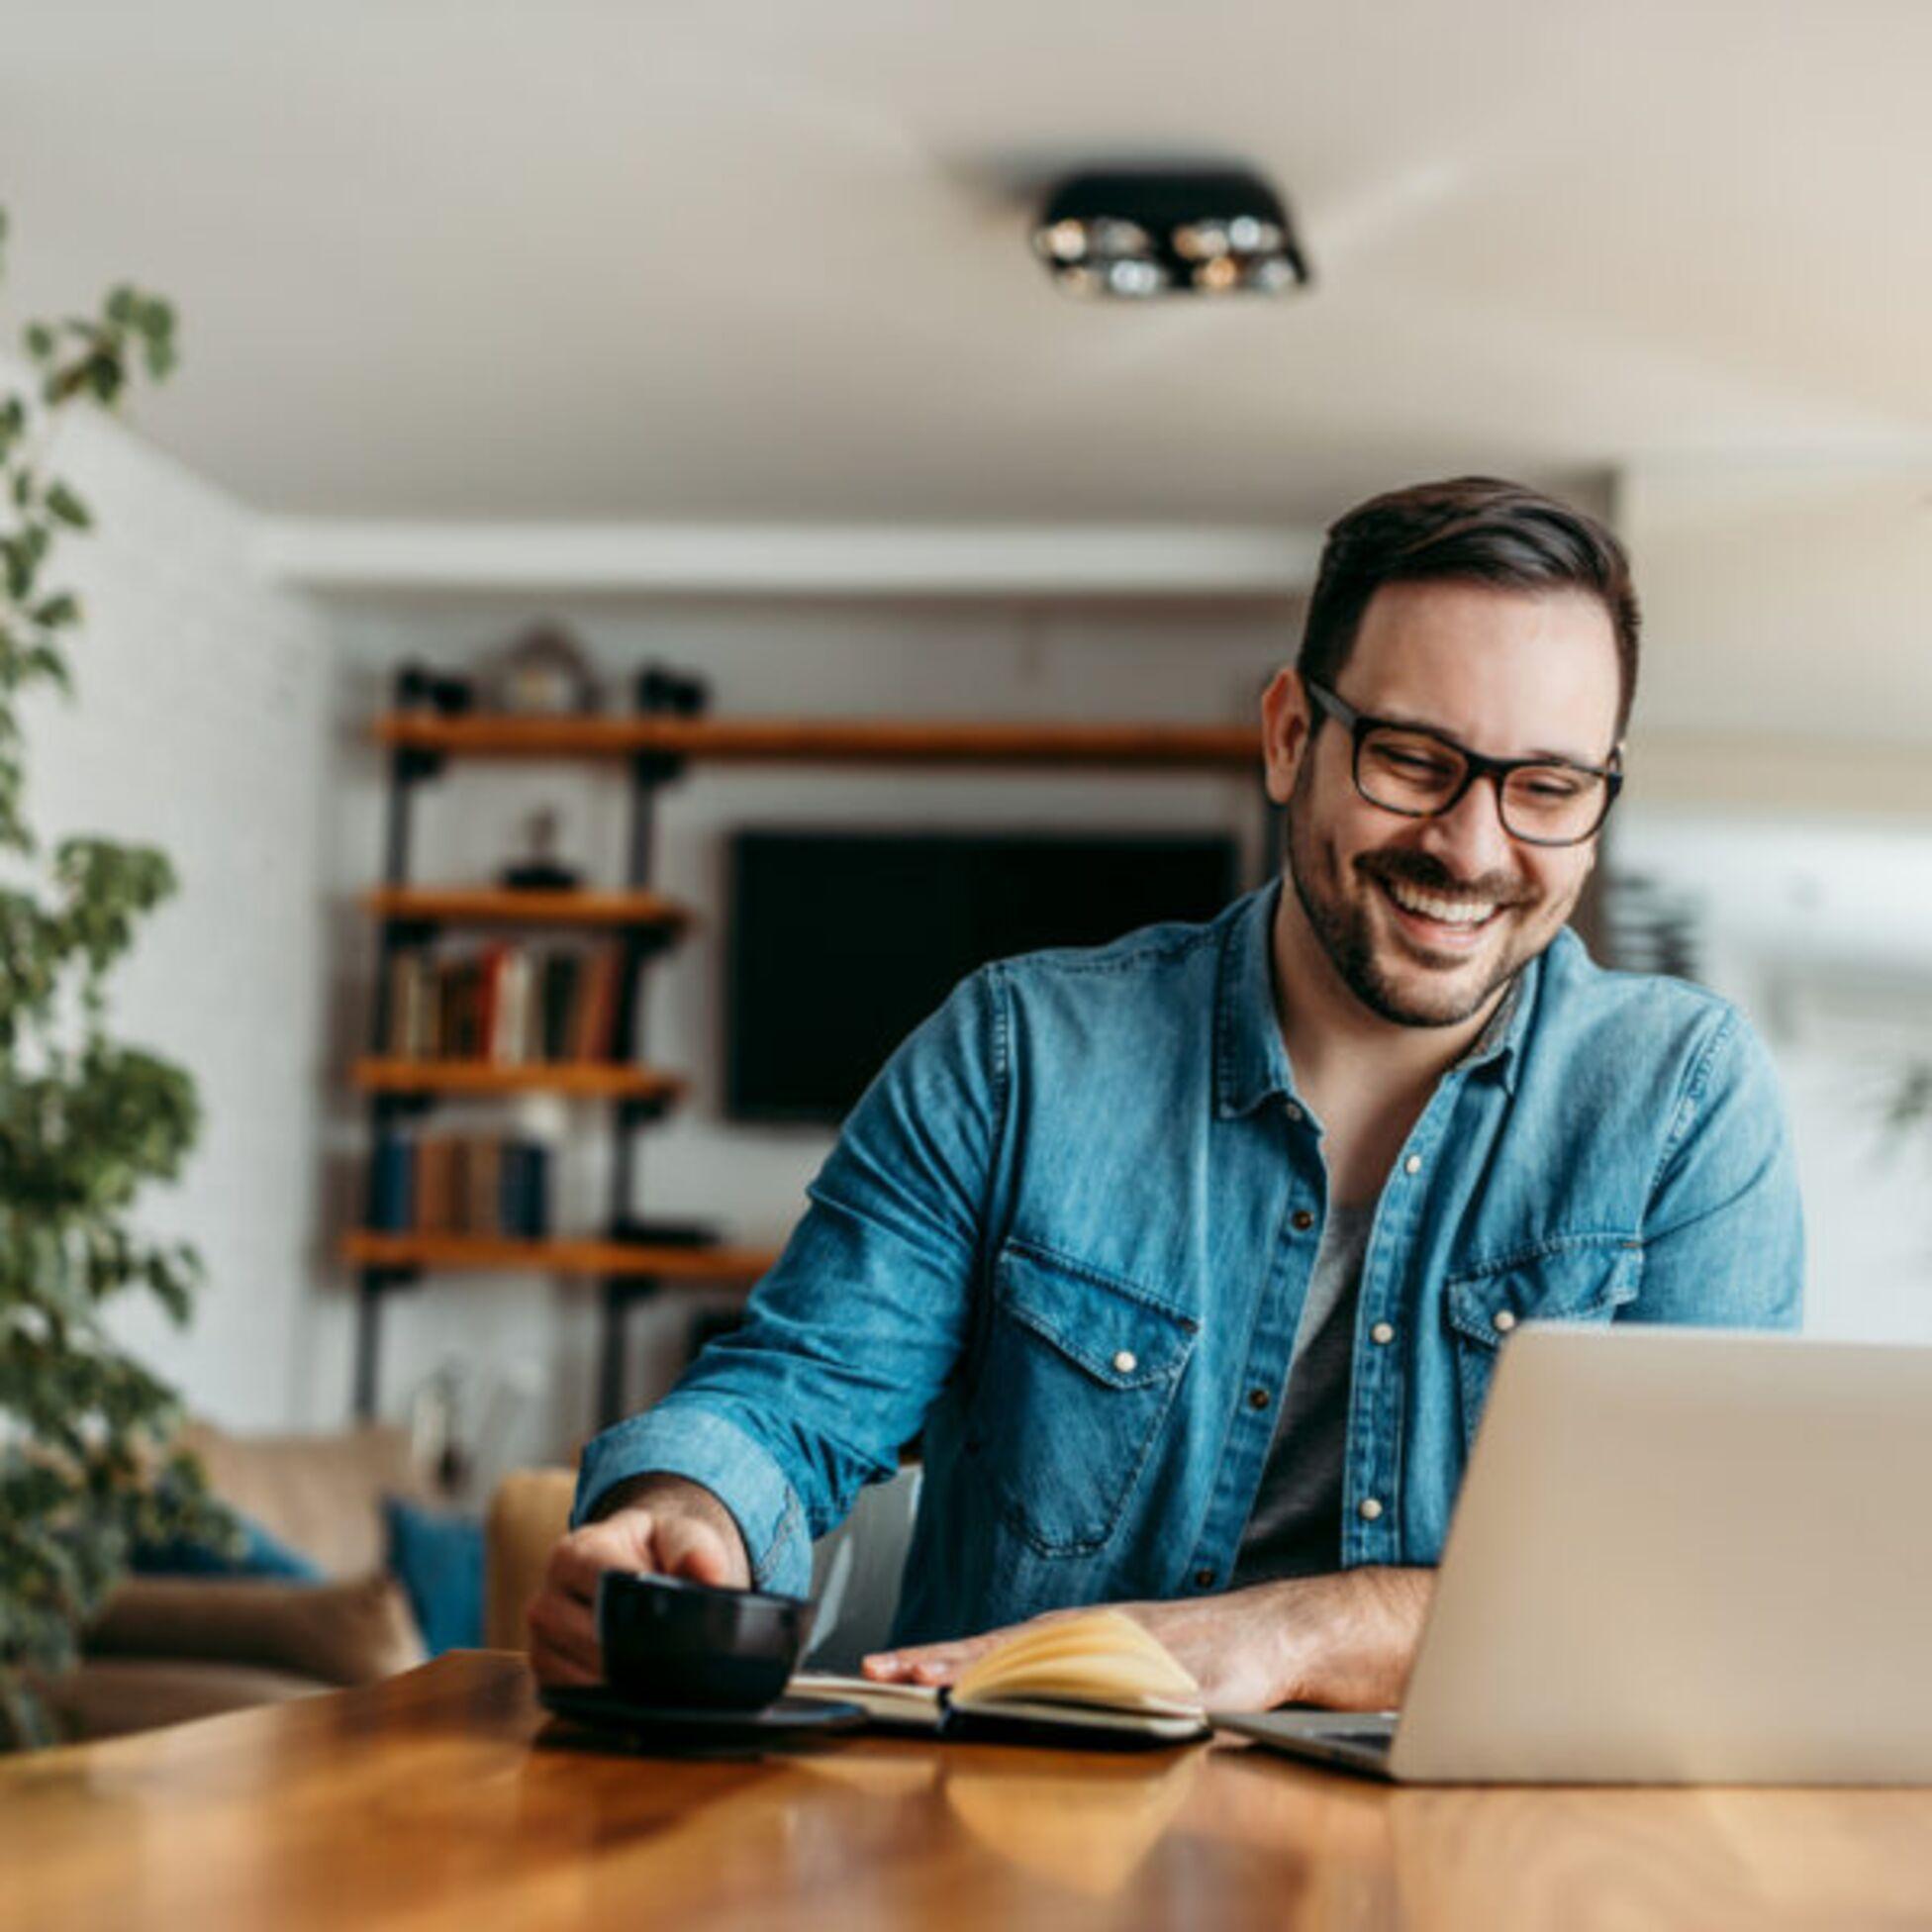 Mann arbeitet lächelnd am Laptop